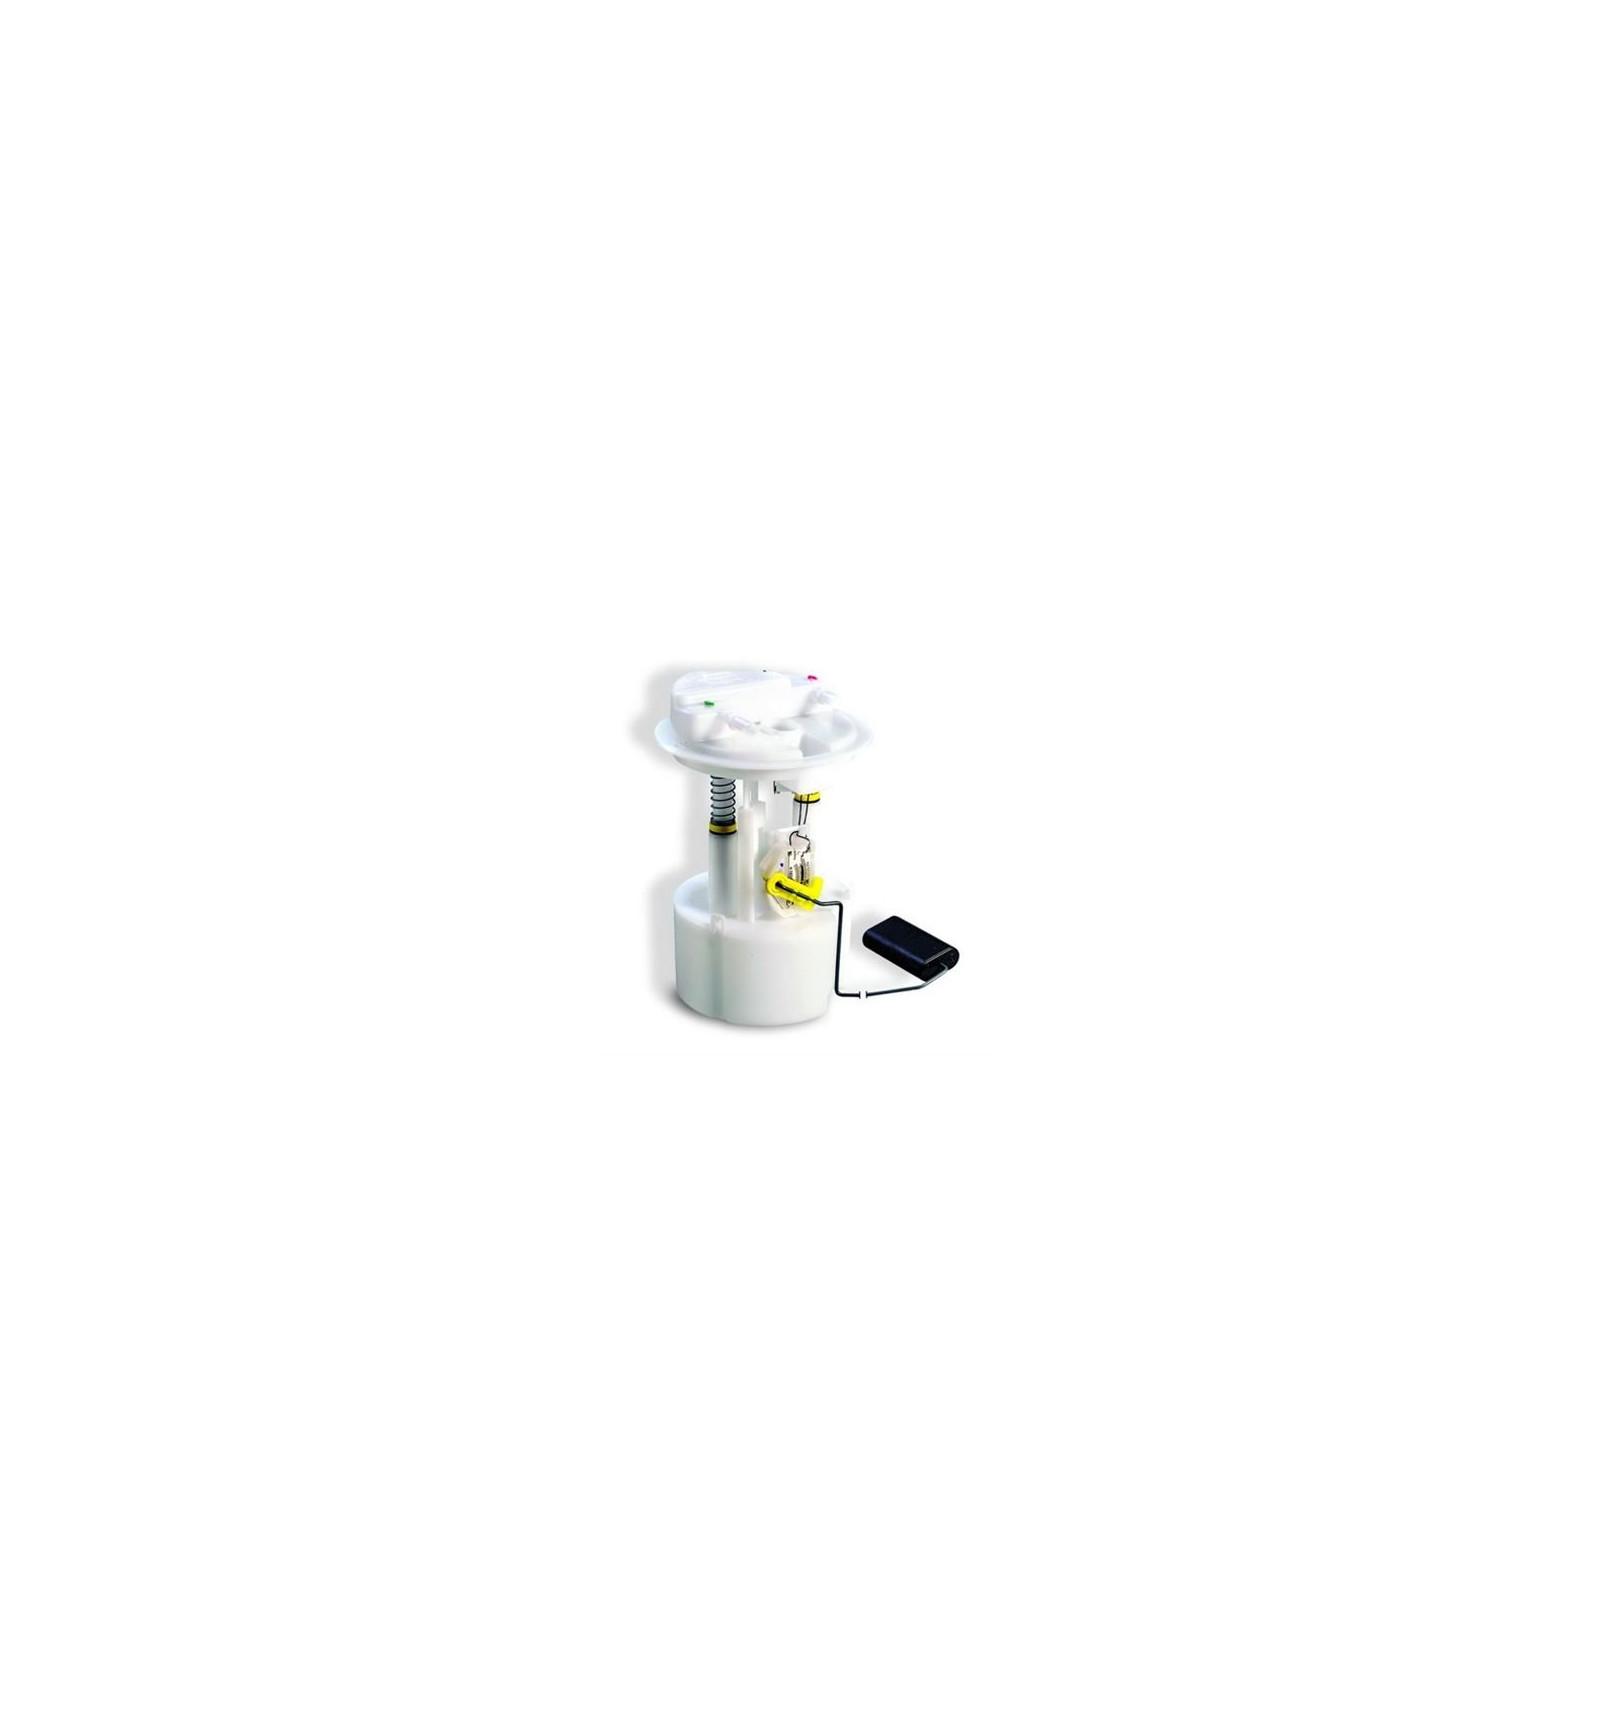 jauge capteur de niveau pompe a carburant renault clio 2 1 5 dci. Black Bedroom Furniture Sets. Home Design Ideas